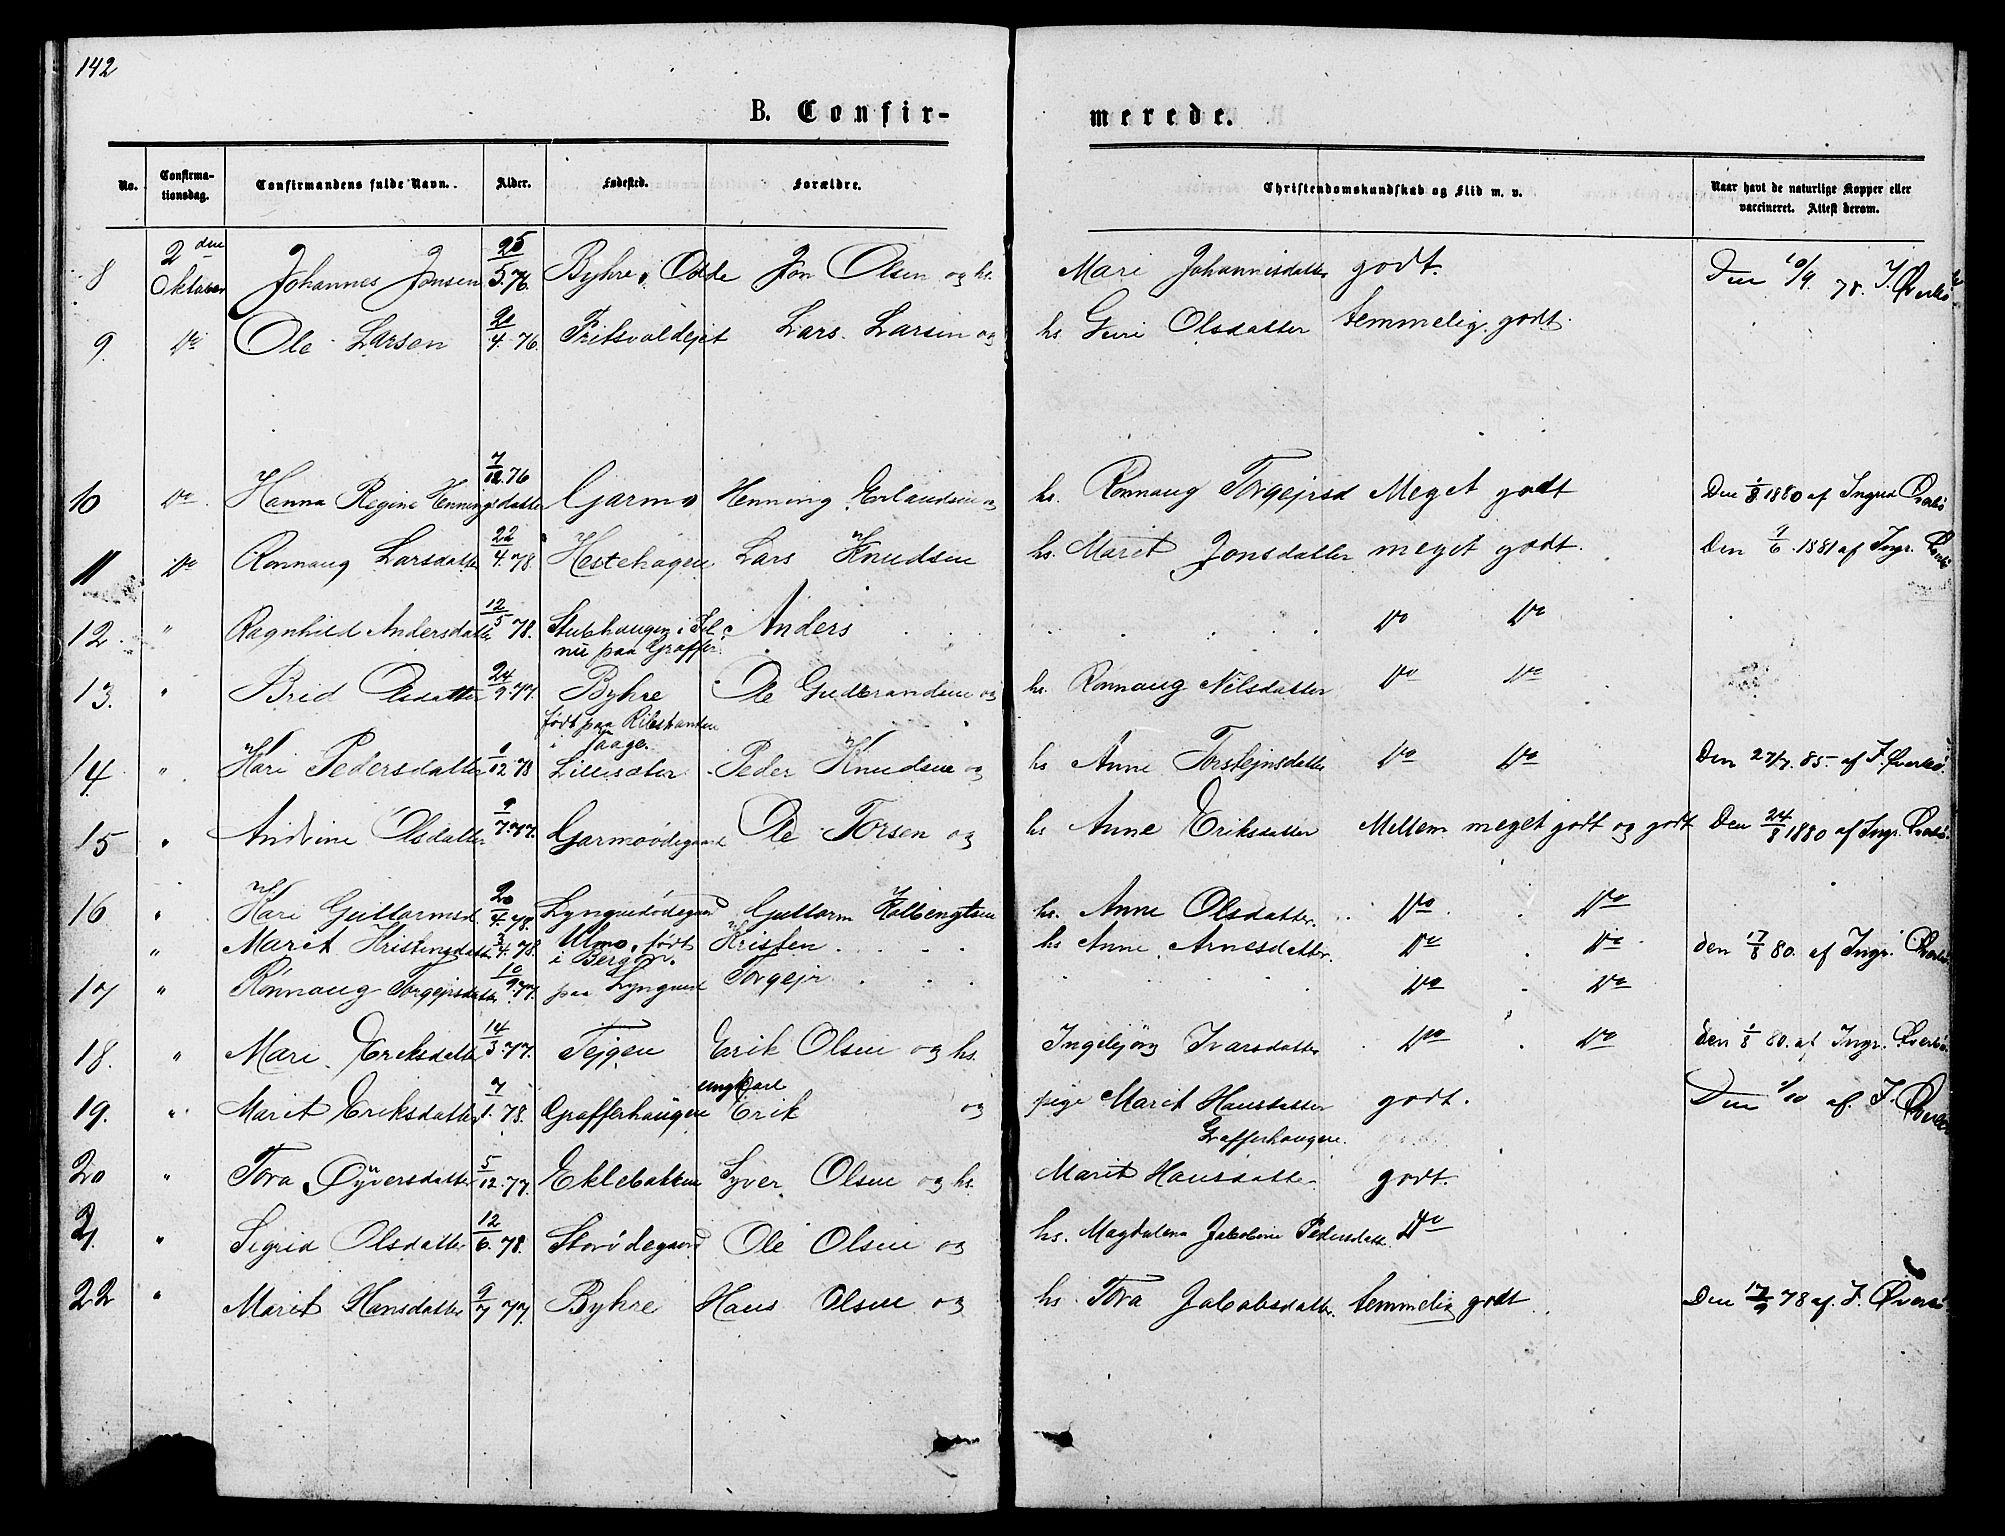 SAH, Lom prestekontor, L/L0005: Klokkerbok nr. 5, 1876-1901, s. 142-143